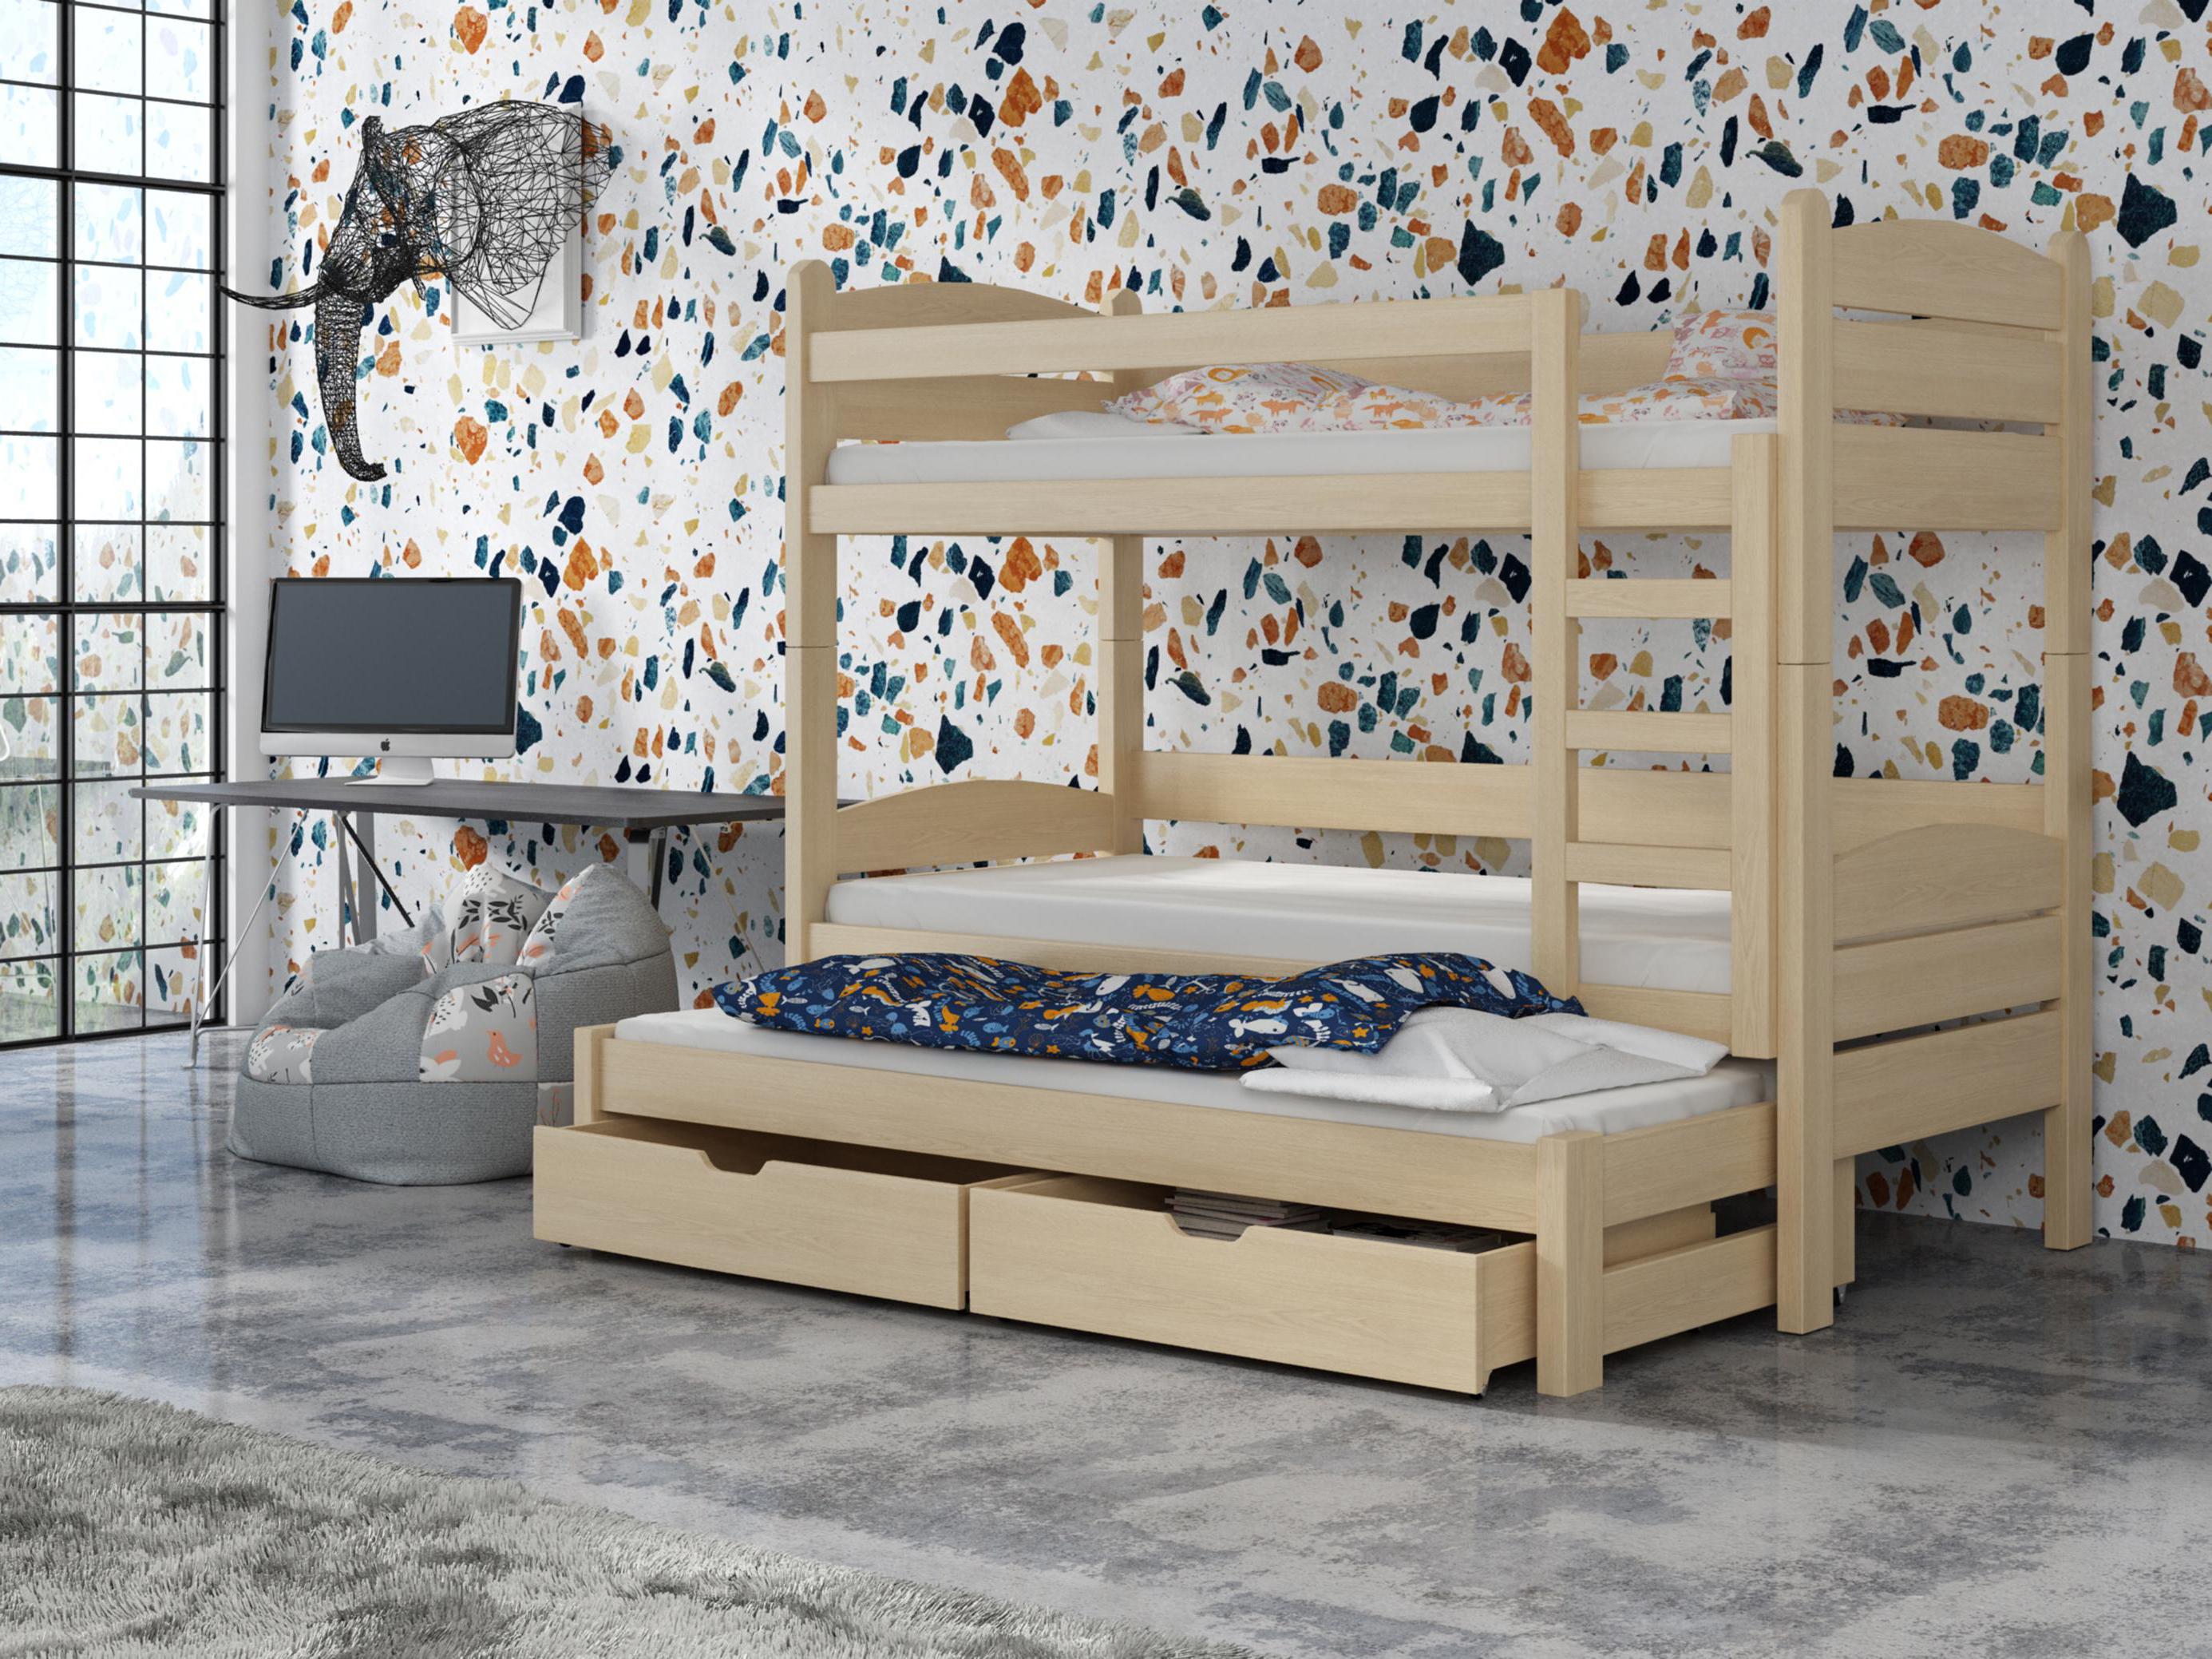 Detská poschodová posteľ 90 cm - Celsa (borovica). Akcia -31%. Vlastná spoľahlivá doprava až k Vám domov.